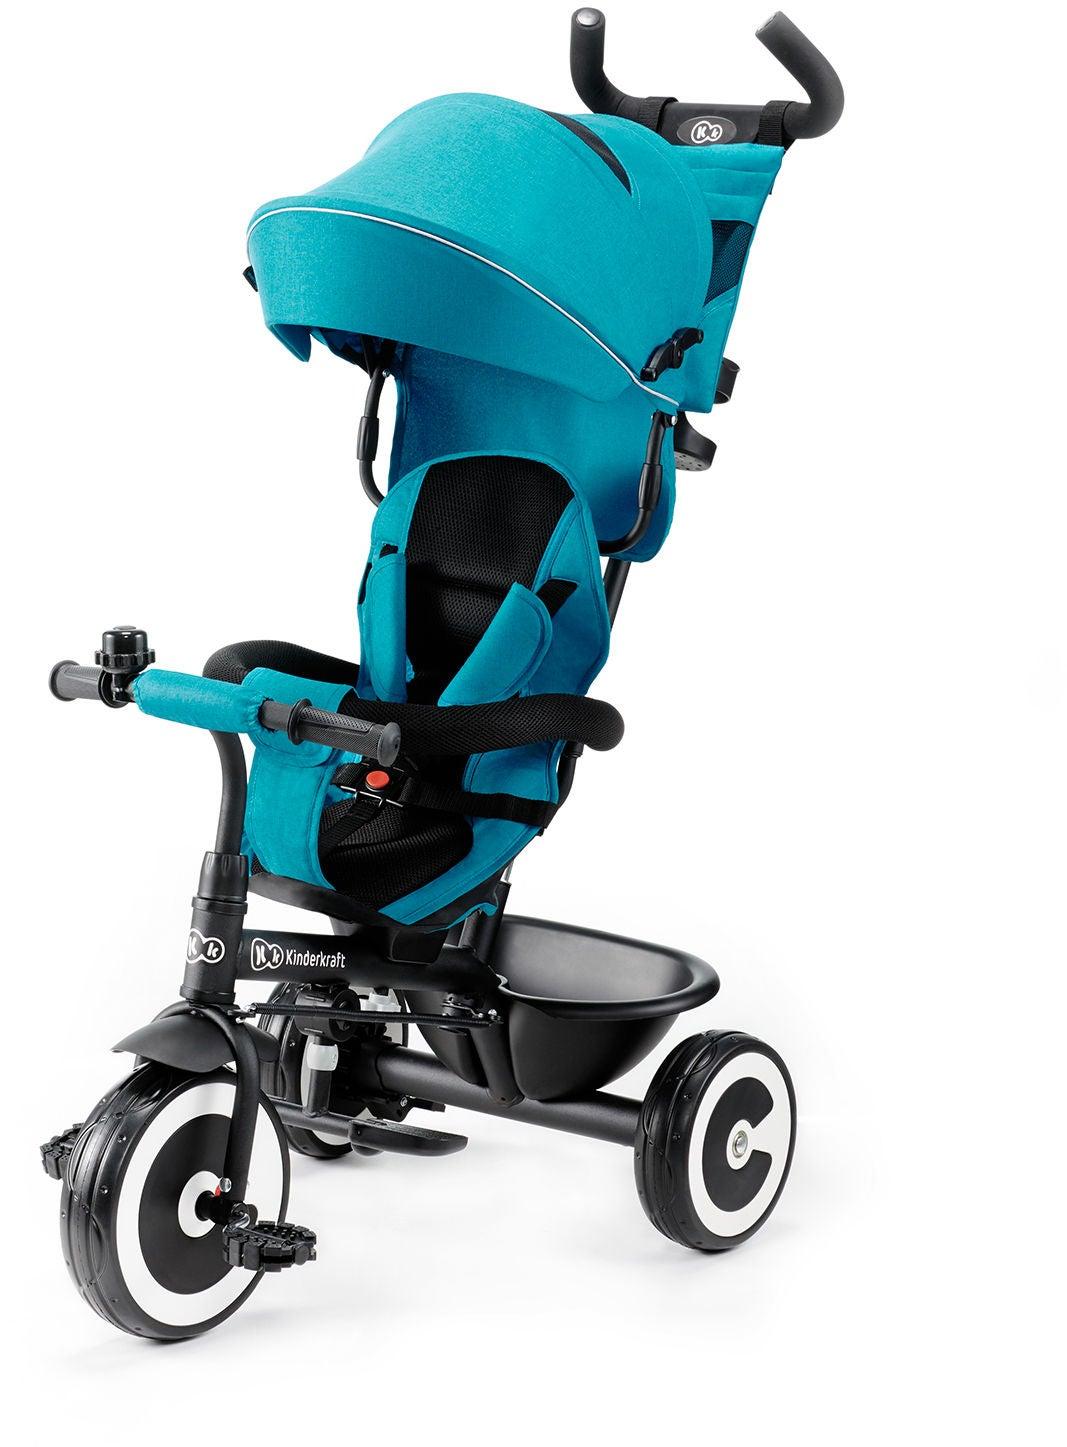 Kinderkraft Trehjuling ASTON, Turkos